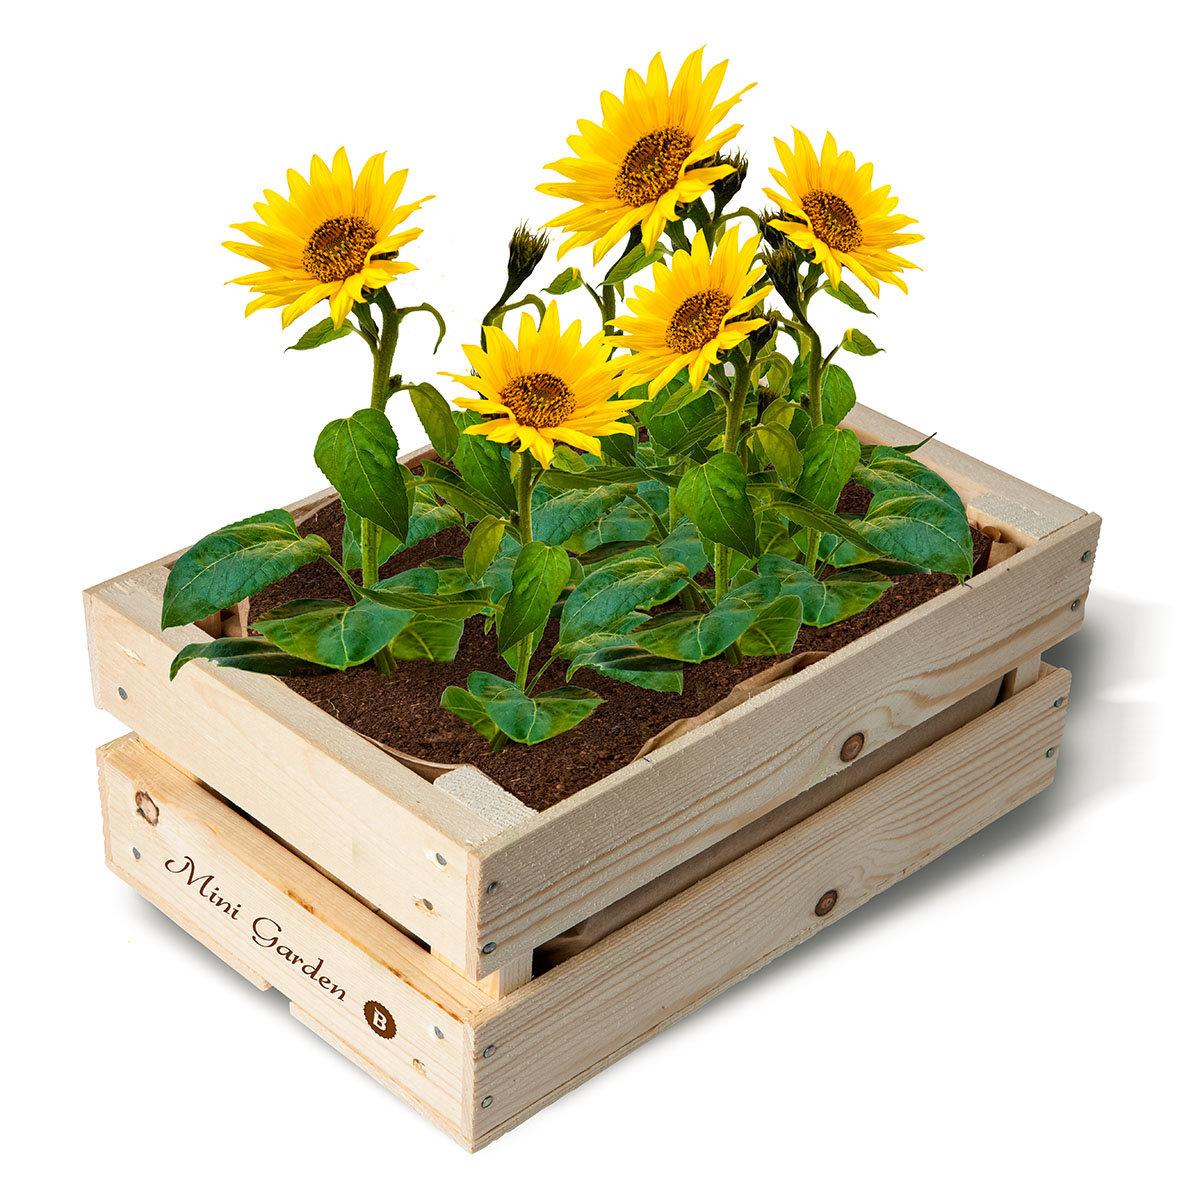 Mini Garten Deko Kaufen Deko Mit Holz Garten Frühling Deko Für